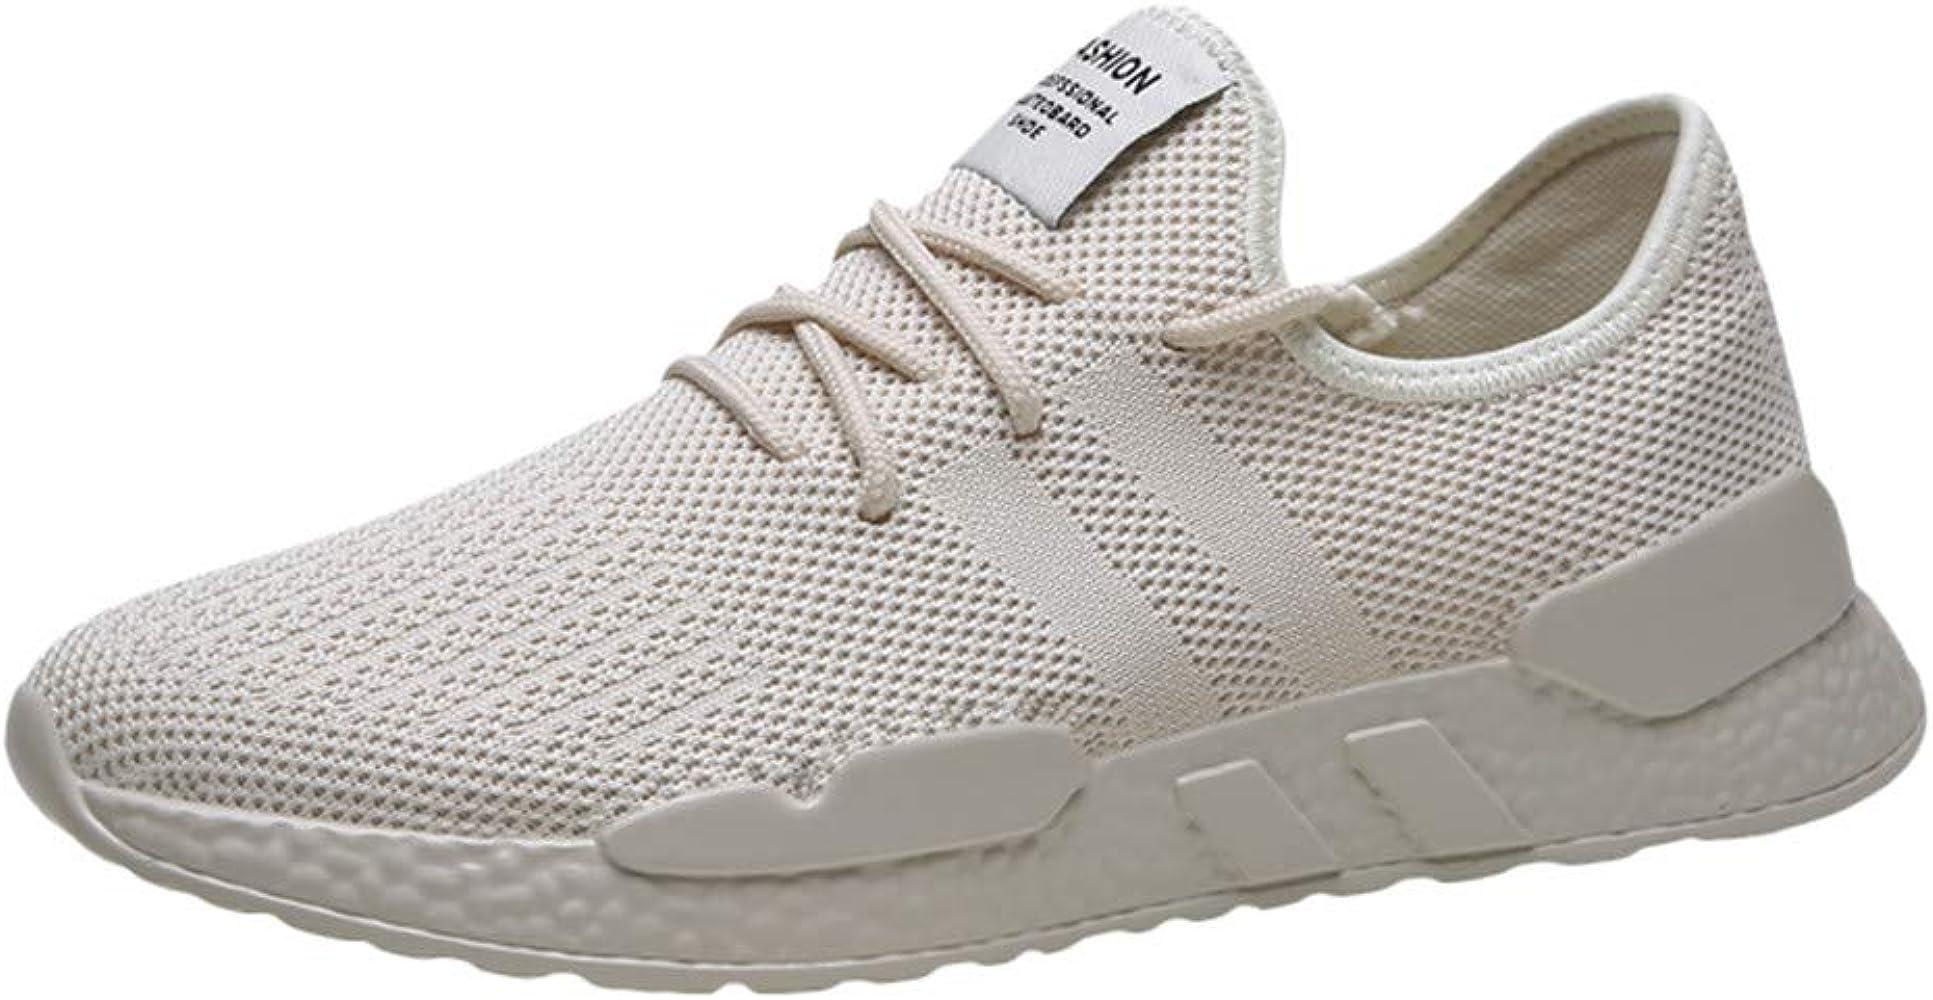 Zapatos para Hombre,ZARLLE Zapatillas de Deporte,Zapatos de ...